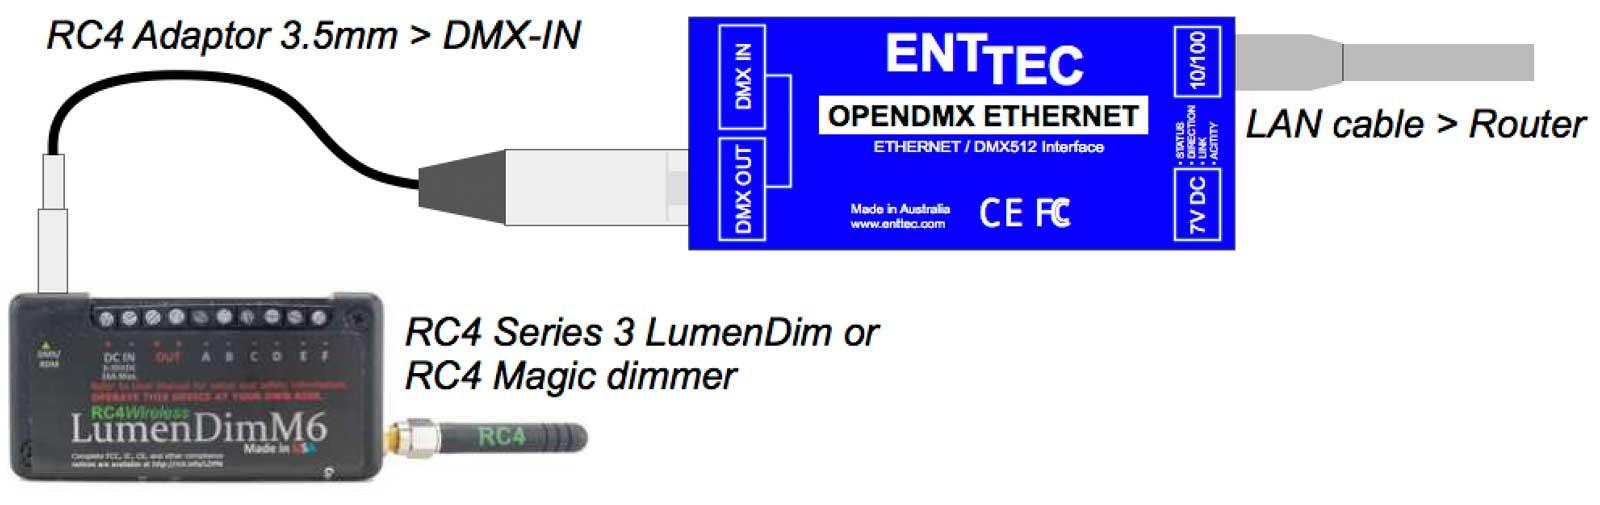 Enttec ODE Ethernet > DMX Converter at RC4 dimmer